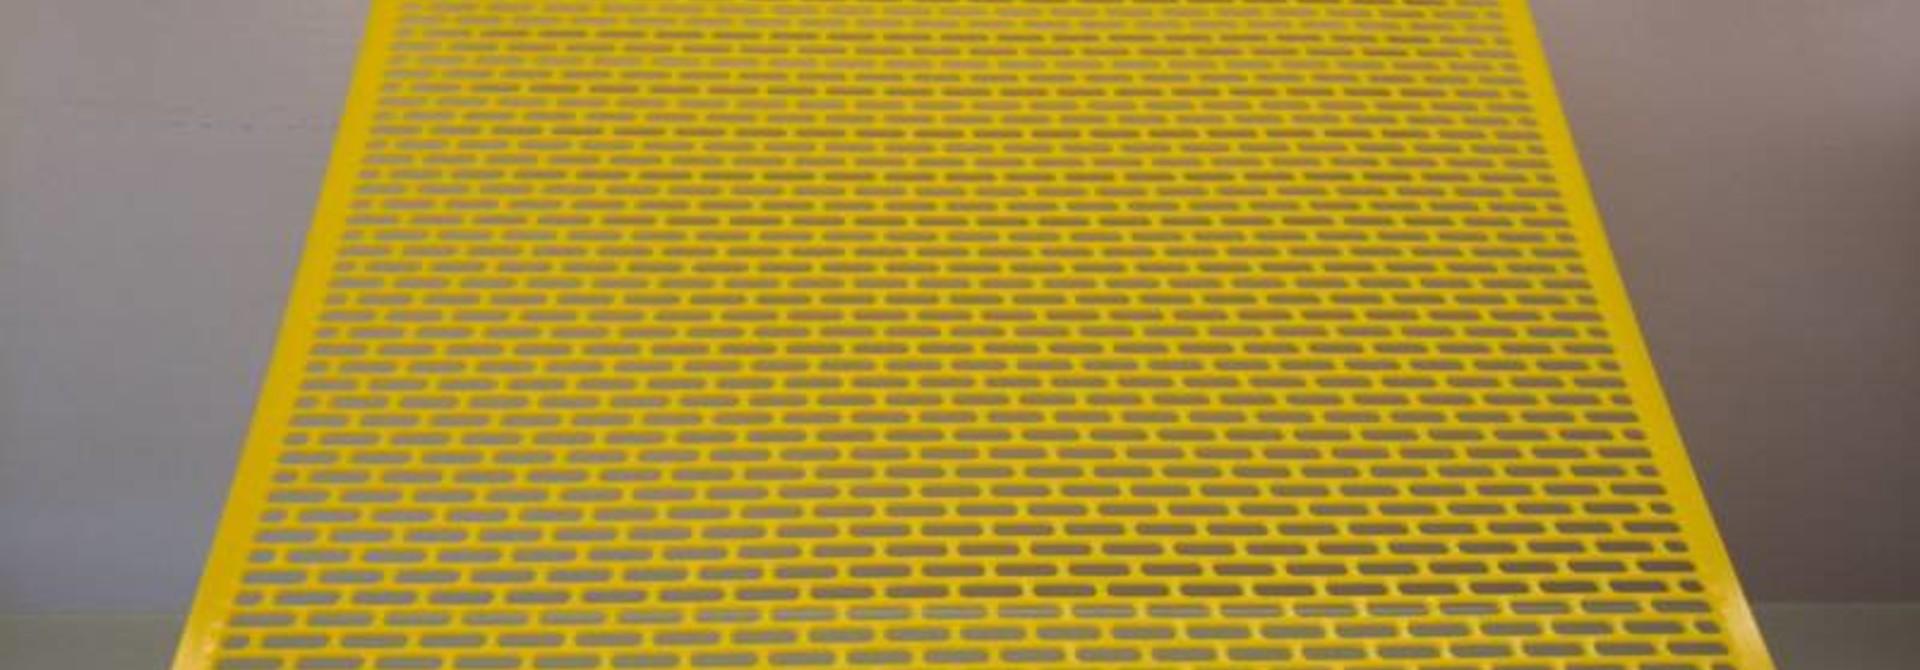 PVC koninginnerooster 500 x 500 mm